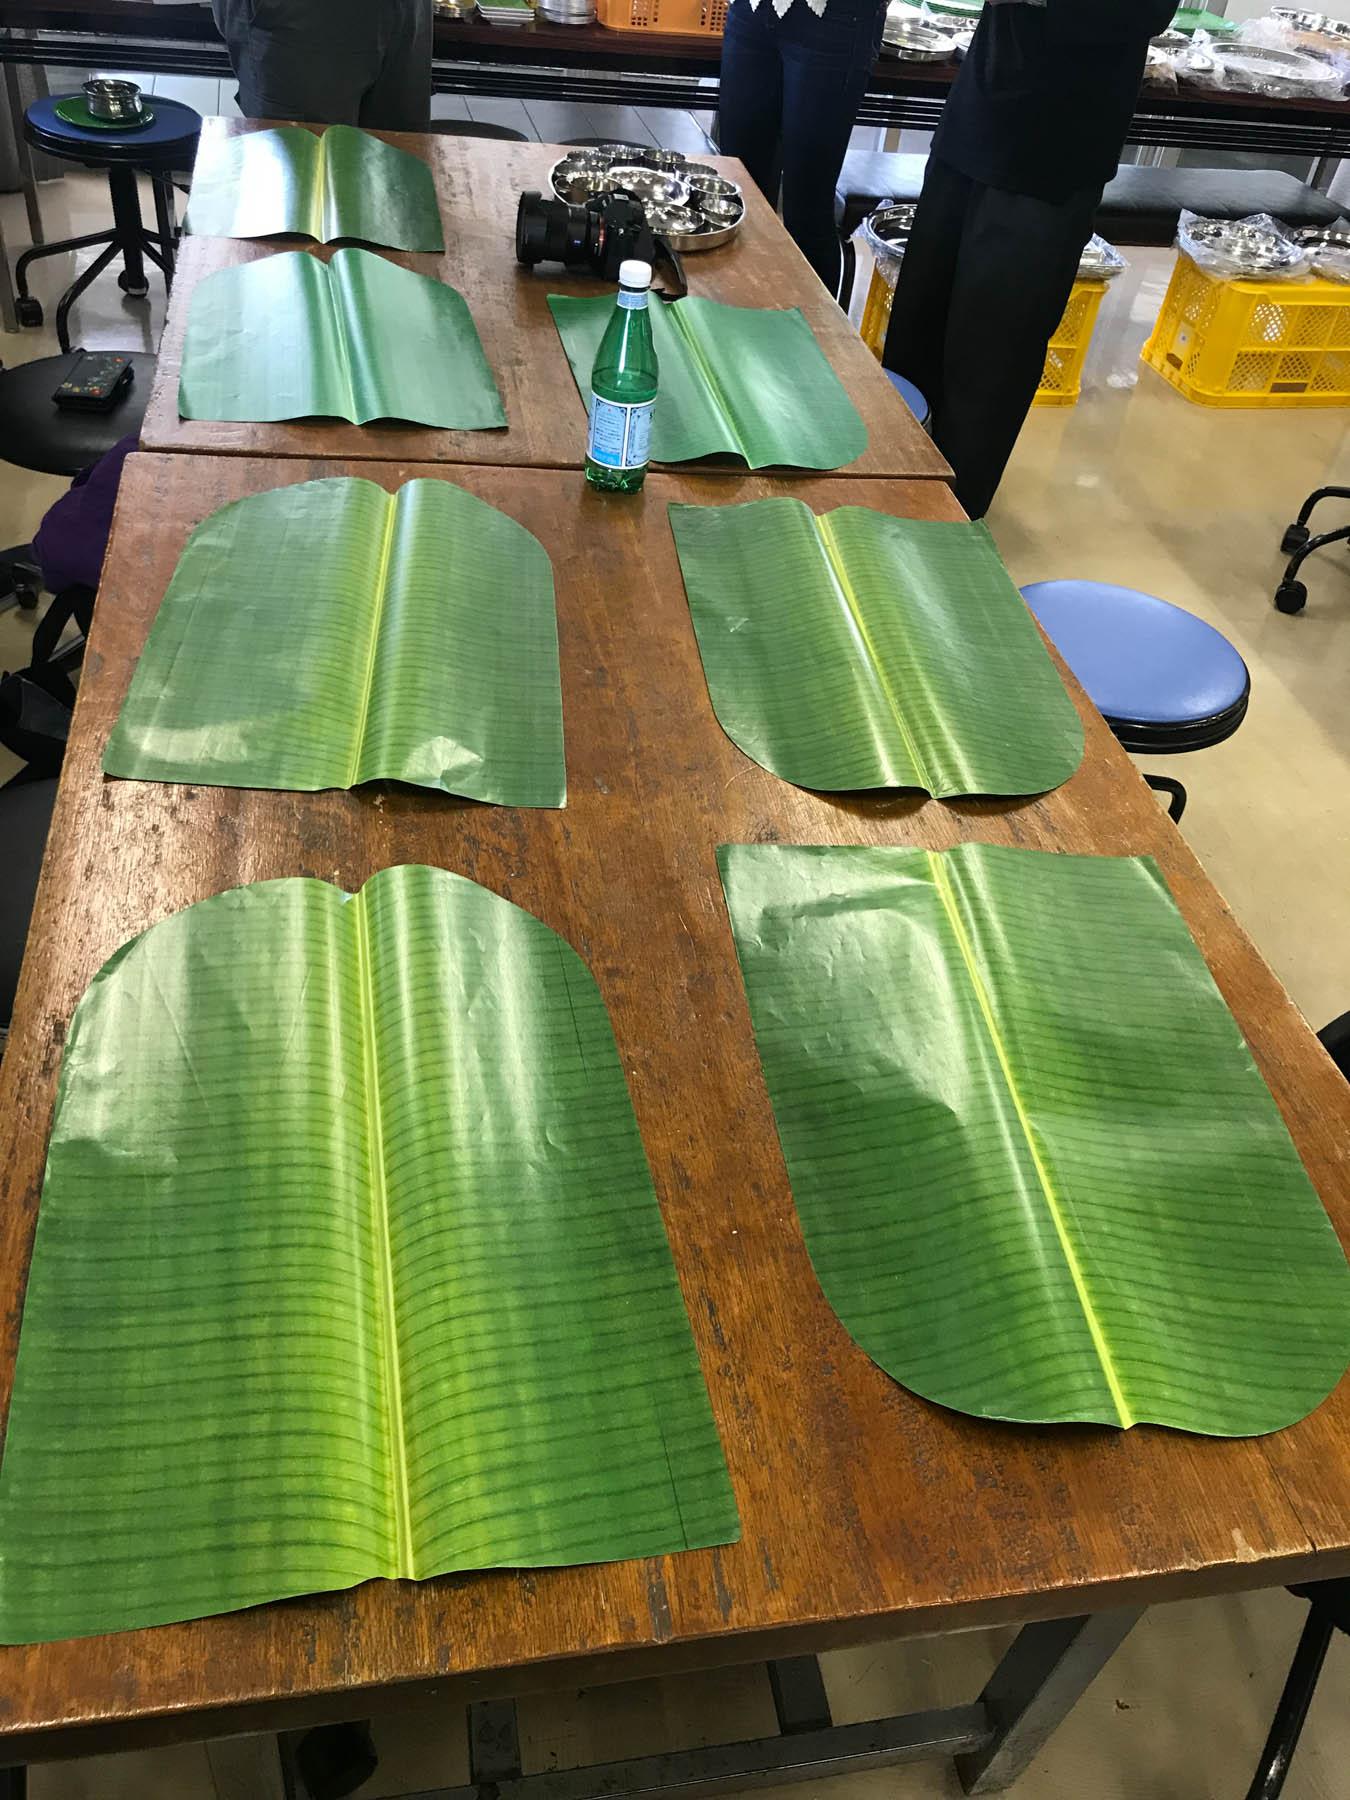 第26回印度料理研究会ミールス バナナの葉っぱペーパー皿